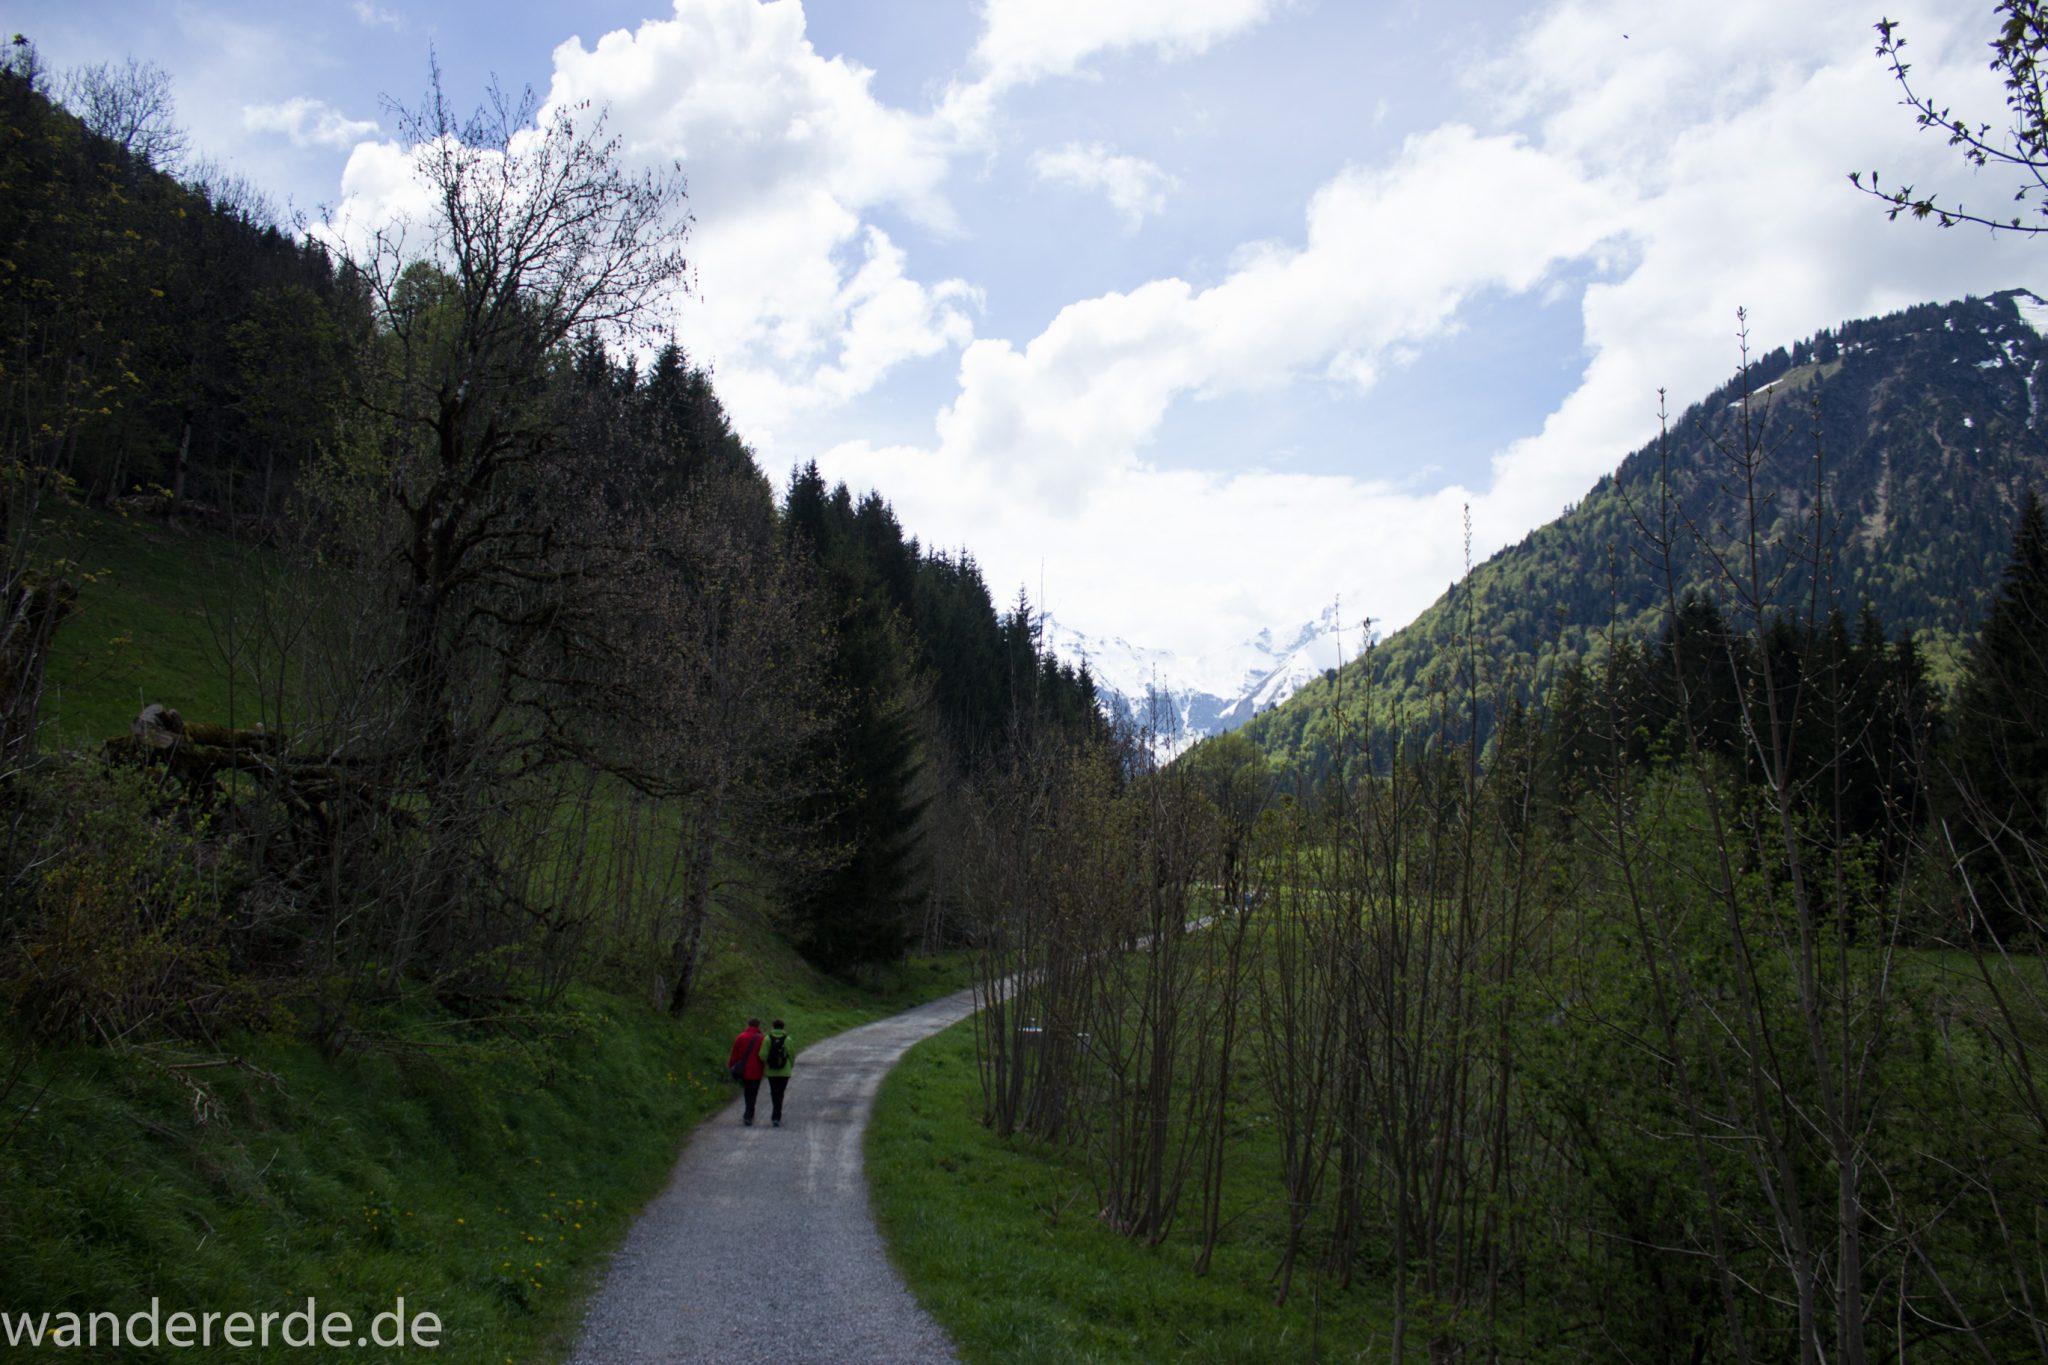 Wanderung Oberstdorf nach Gerstruben im Allgäu, Bayern, Wanderweg durch das Trettachtal, Aussicht auf Berge, Ufer mit schönen Bäumen, sattgrüner Wald, Frühling in den Bergen